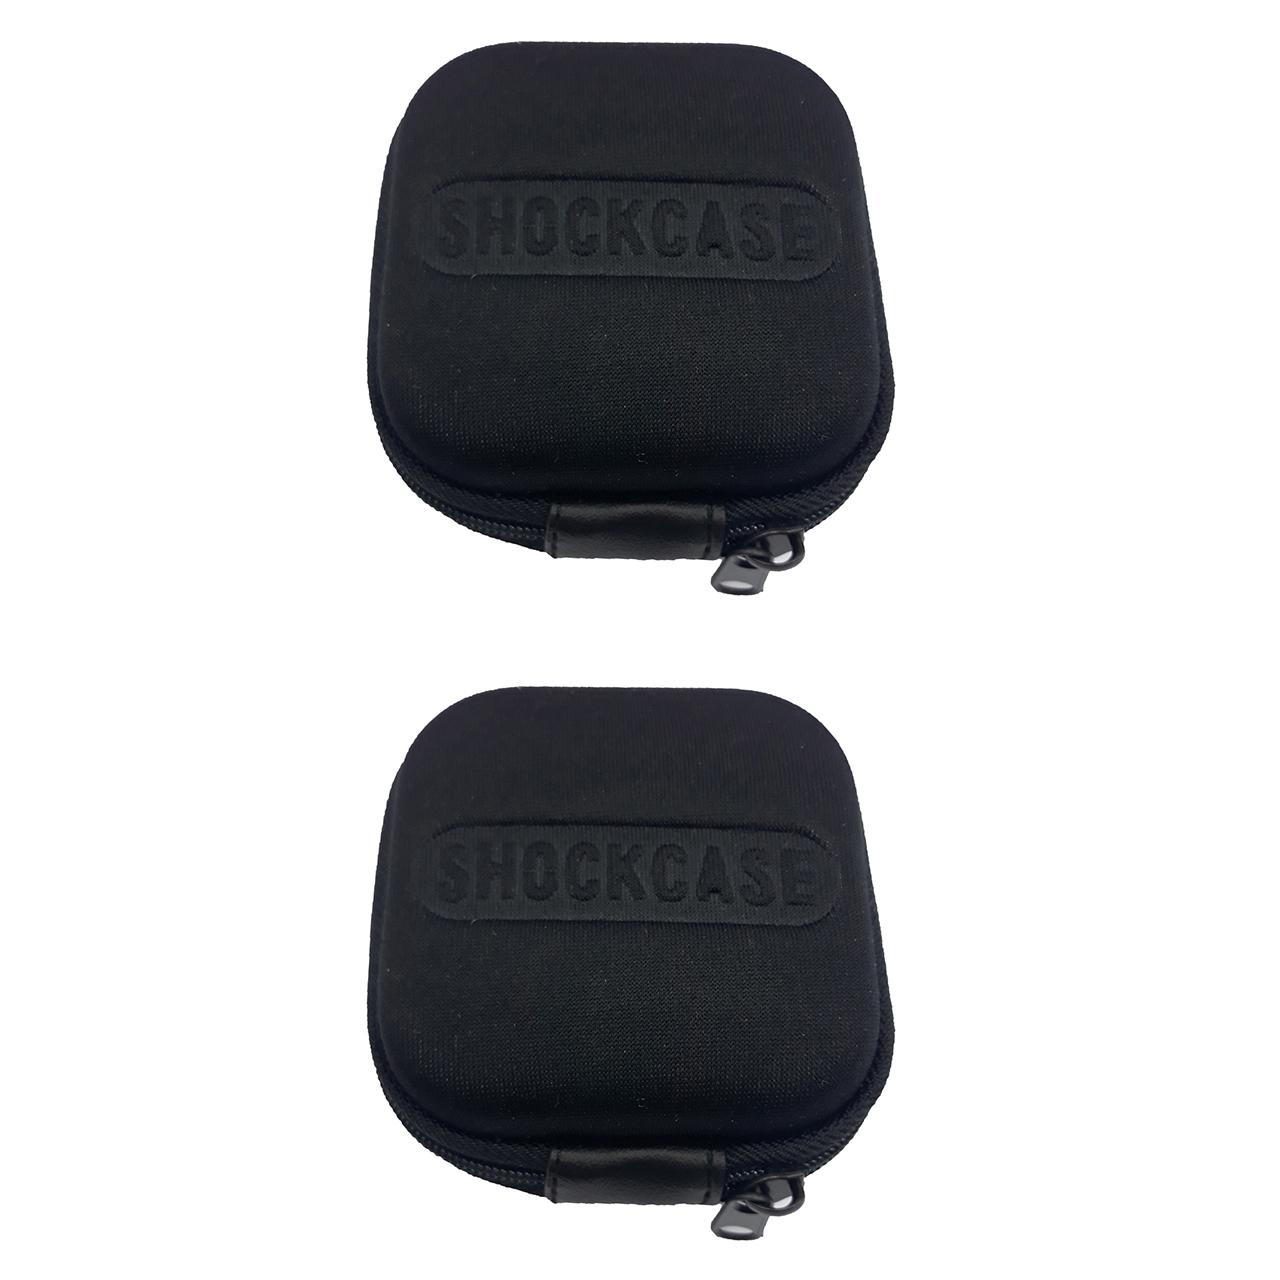 کیف هندزفری مدل Shockcase بسته 2 عددی              ( قیمت و خرید)